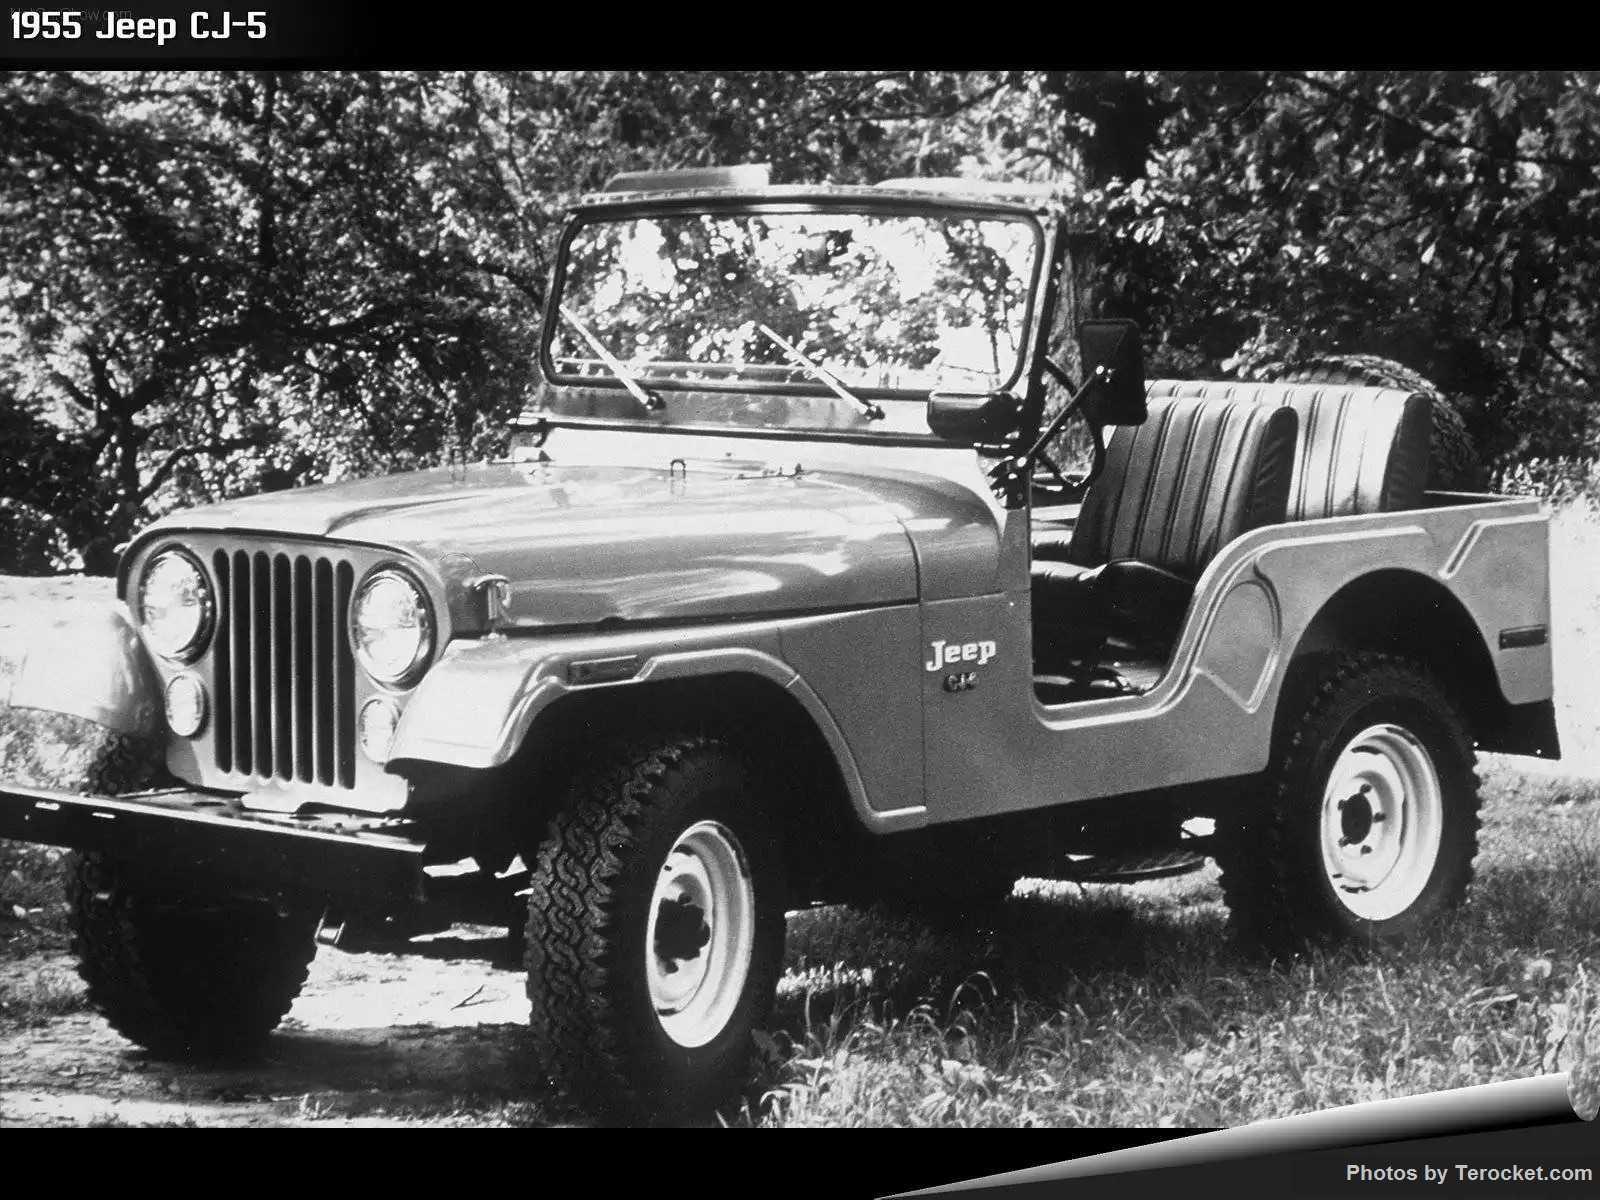 Hình ảnh xe ô tô Jeep CJ-5 1955 & nội ngoại thất